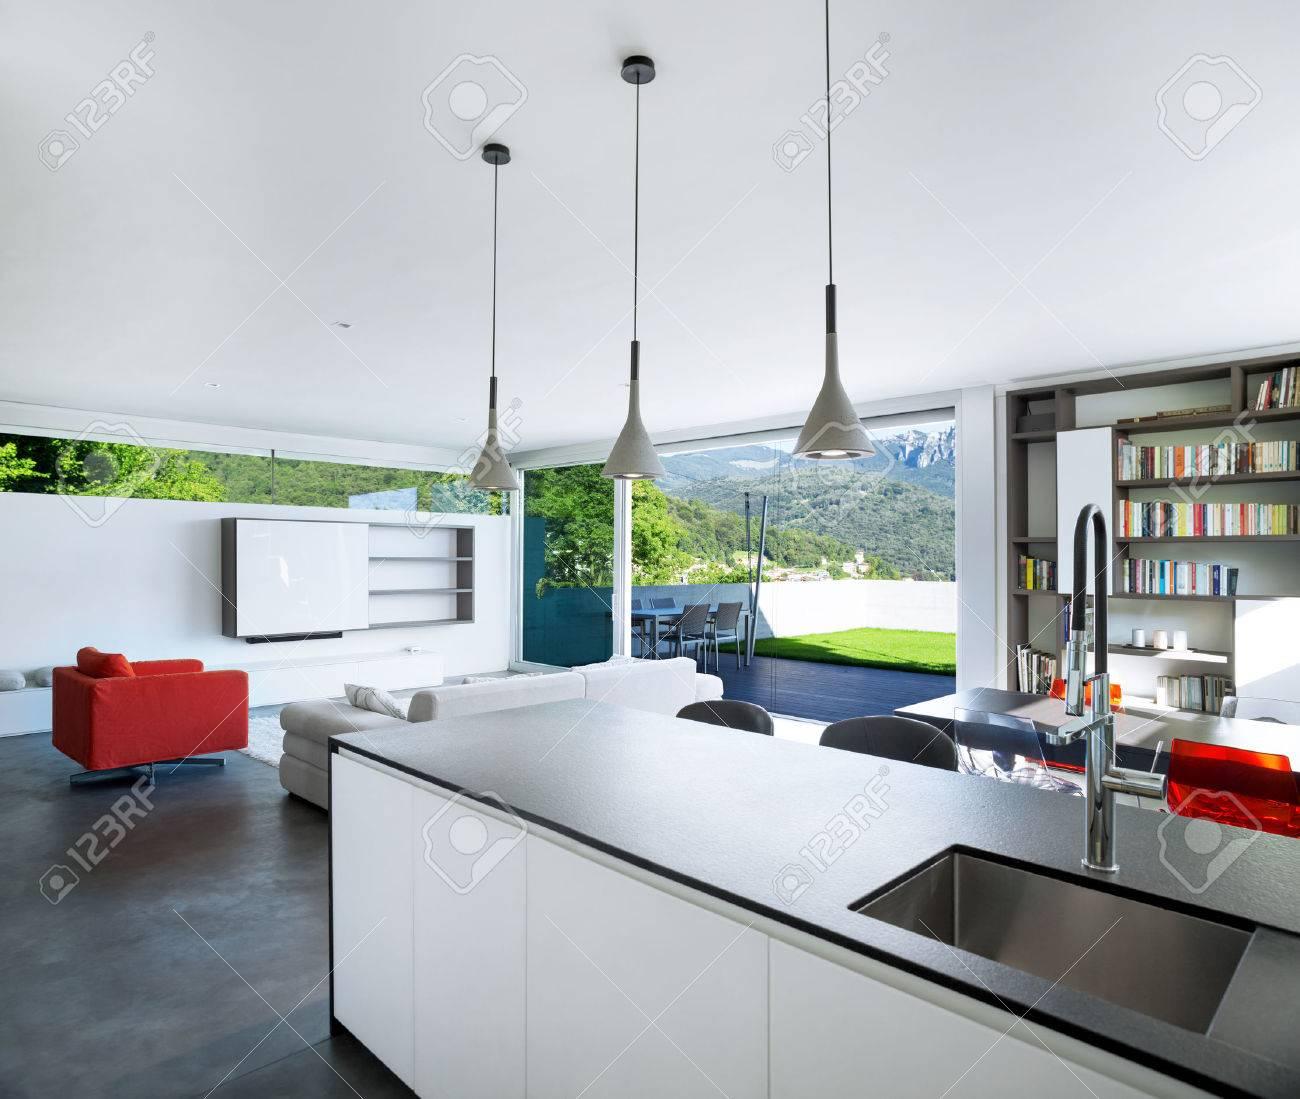 Diseño De Interiores, Apartamento Moderno, Cocina Fotos, Retratos ...